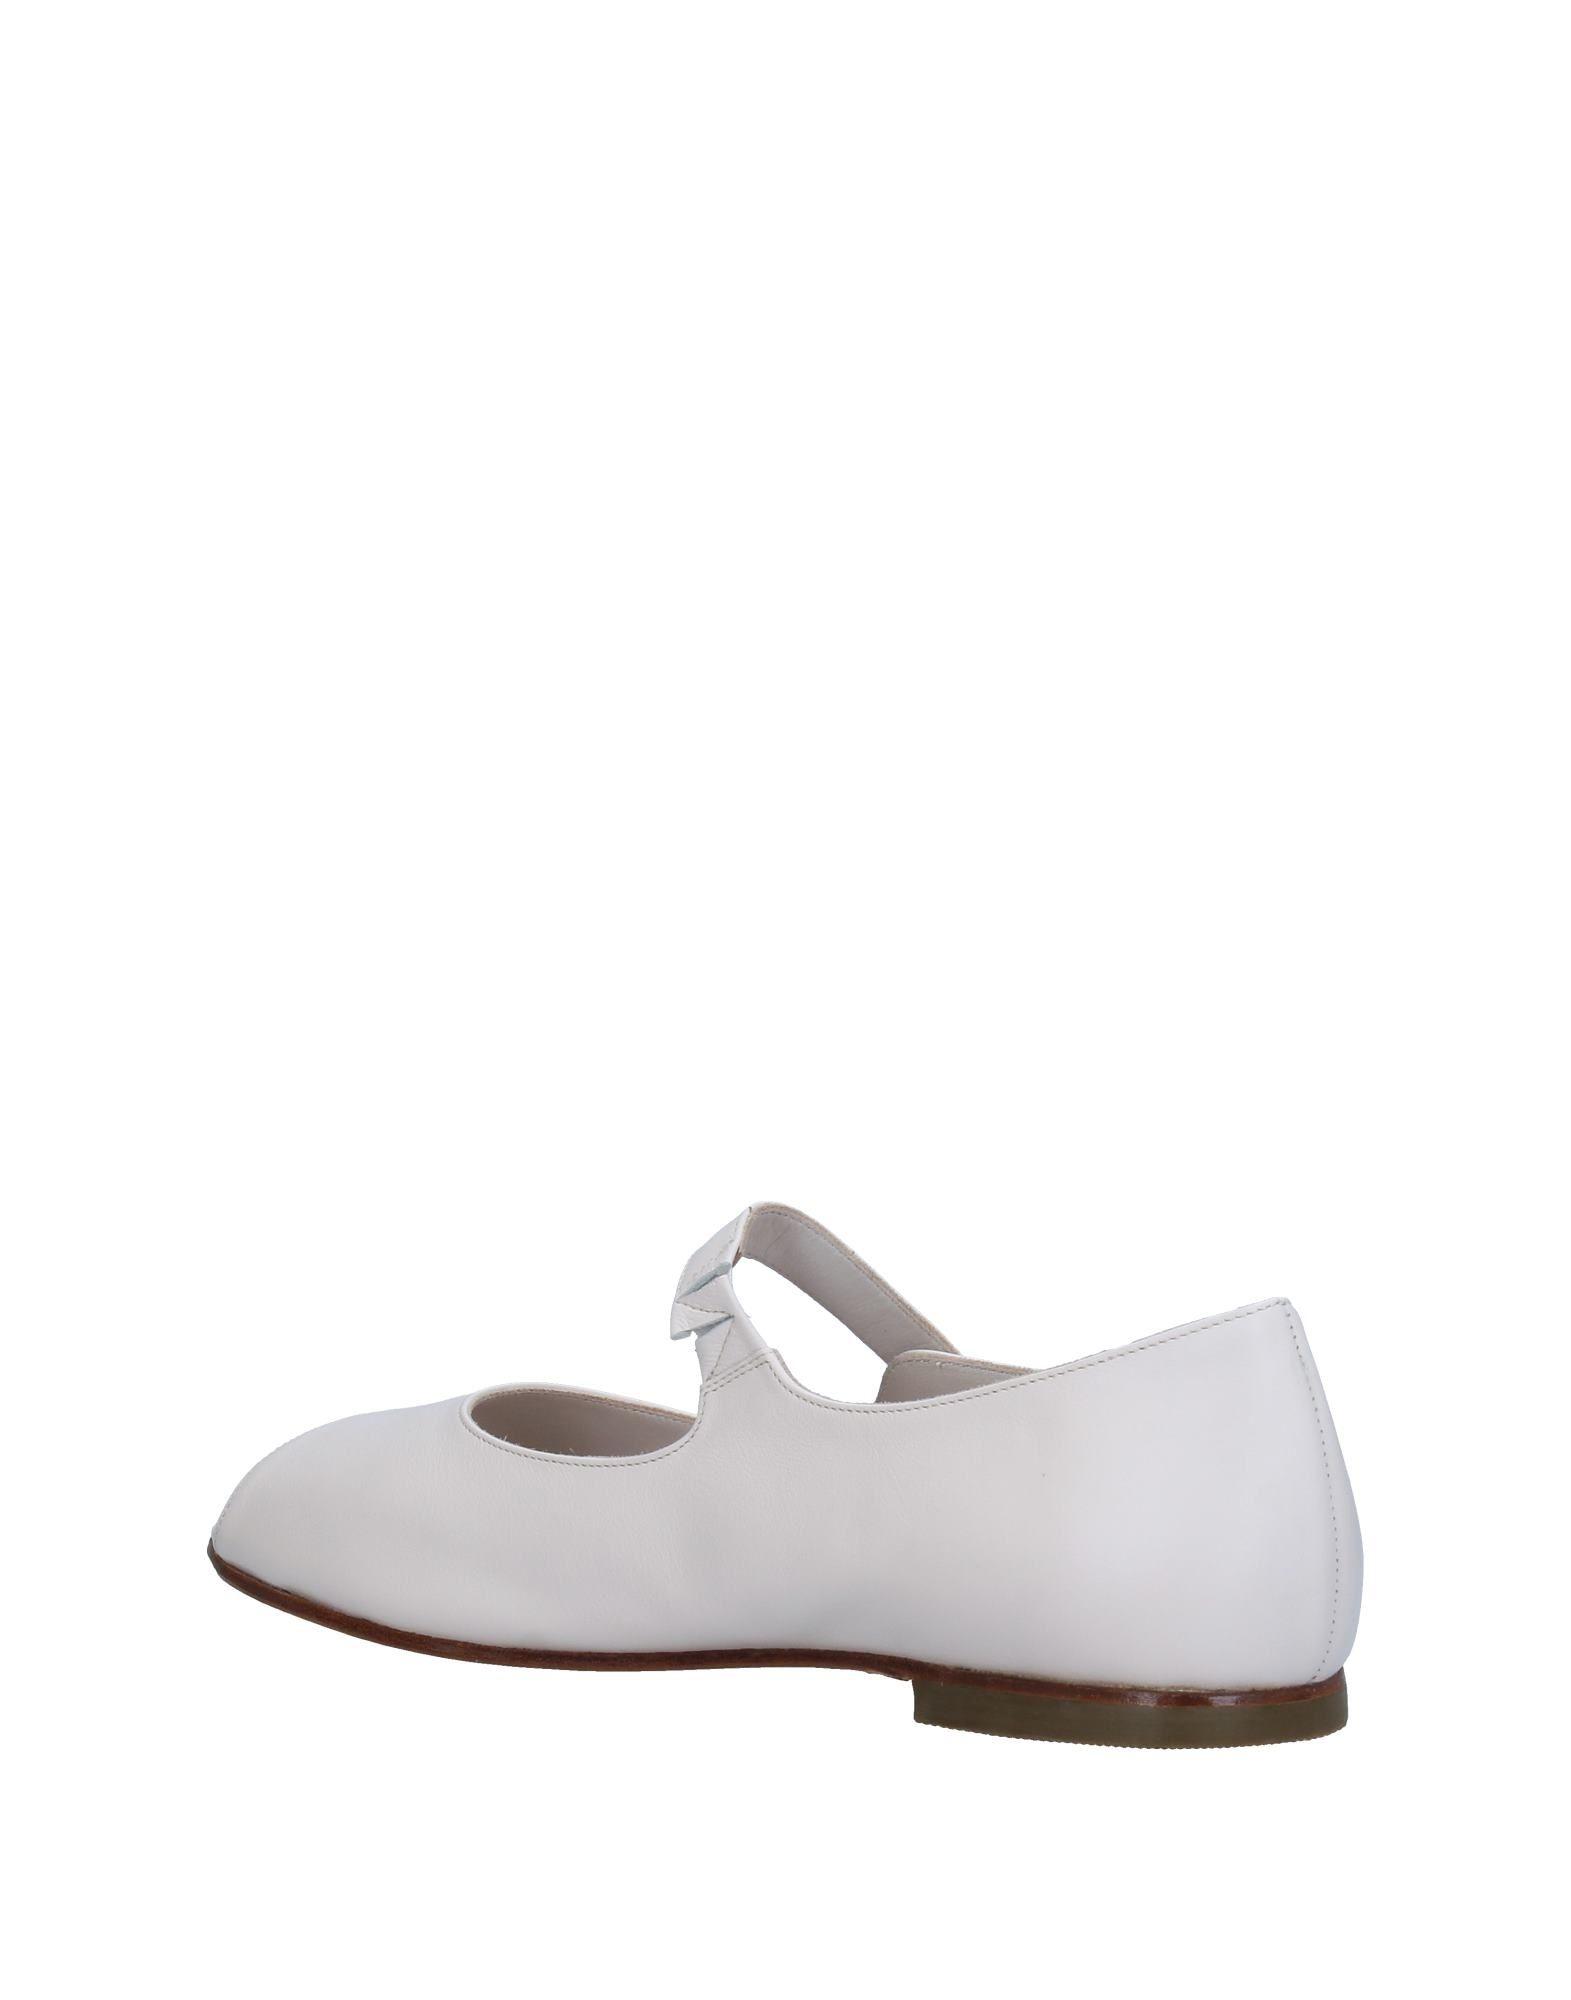 Daniela Gregis Ballerinas Damen strapazierfähige  11327144GTGut aussehende strapazierfähige Damen Schuhe cc975b